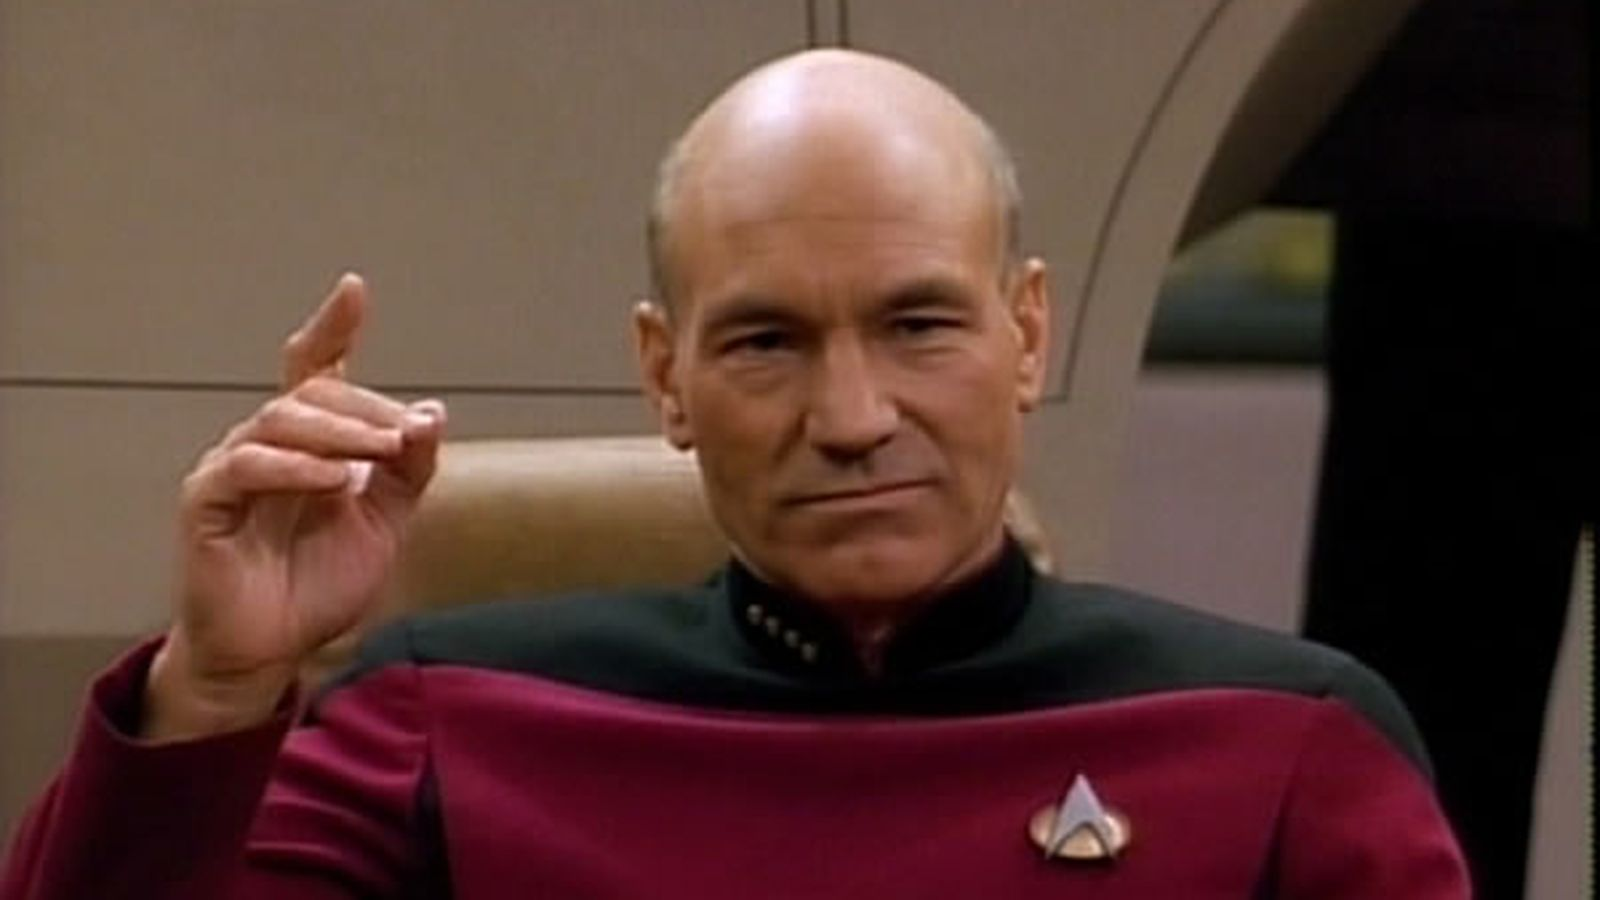 Star Trek: la serie Picard presenta a Santiago Cabera y Michelle Hurd en papeles principales